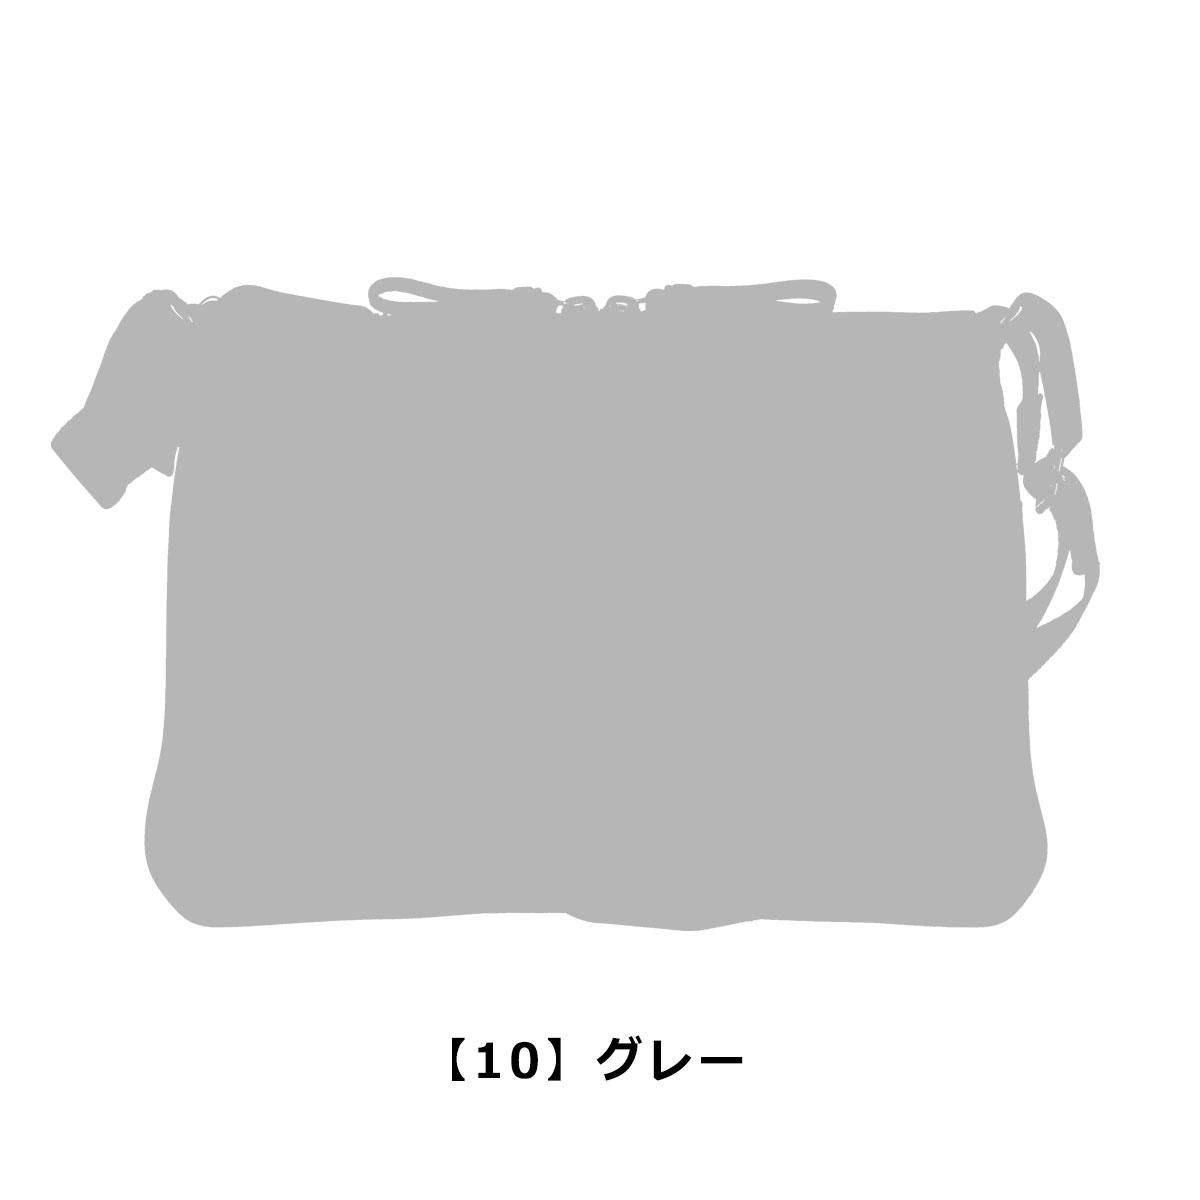 【10】グレー